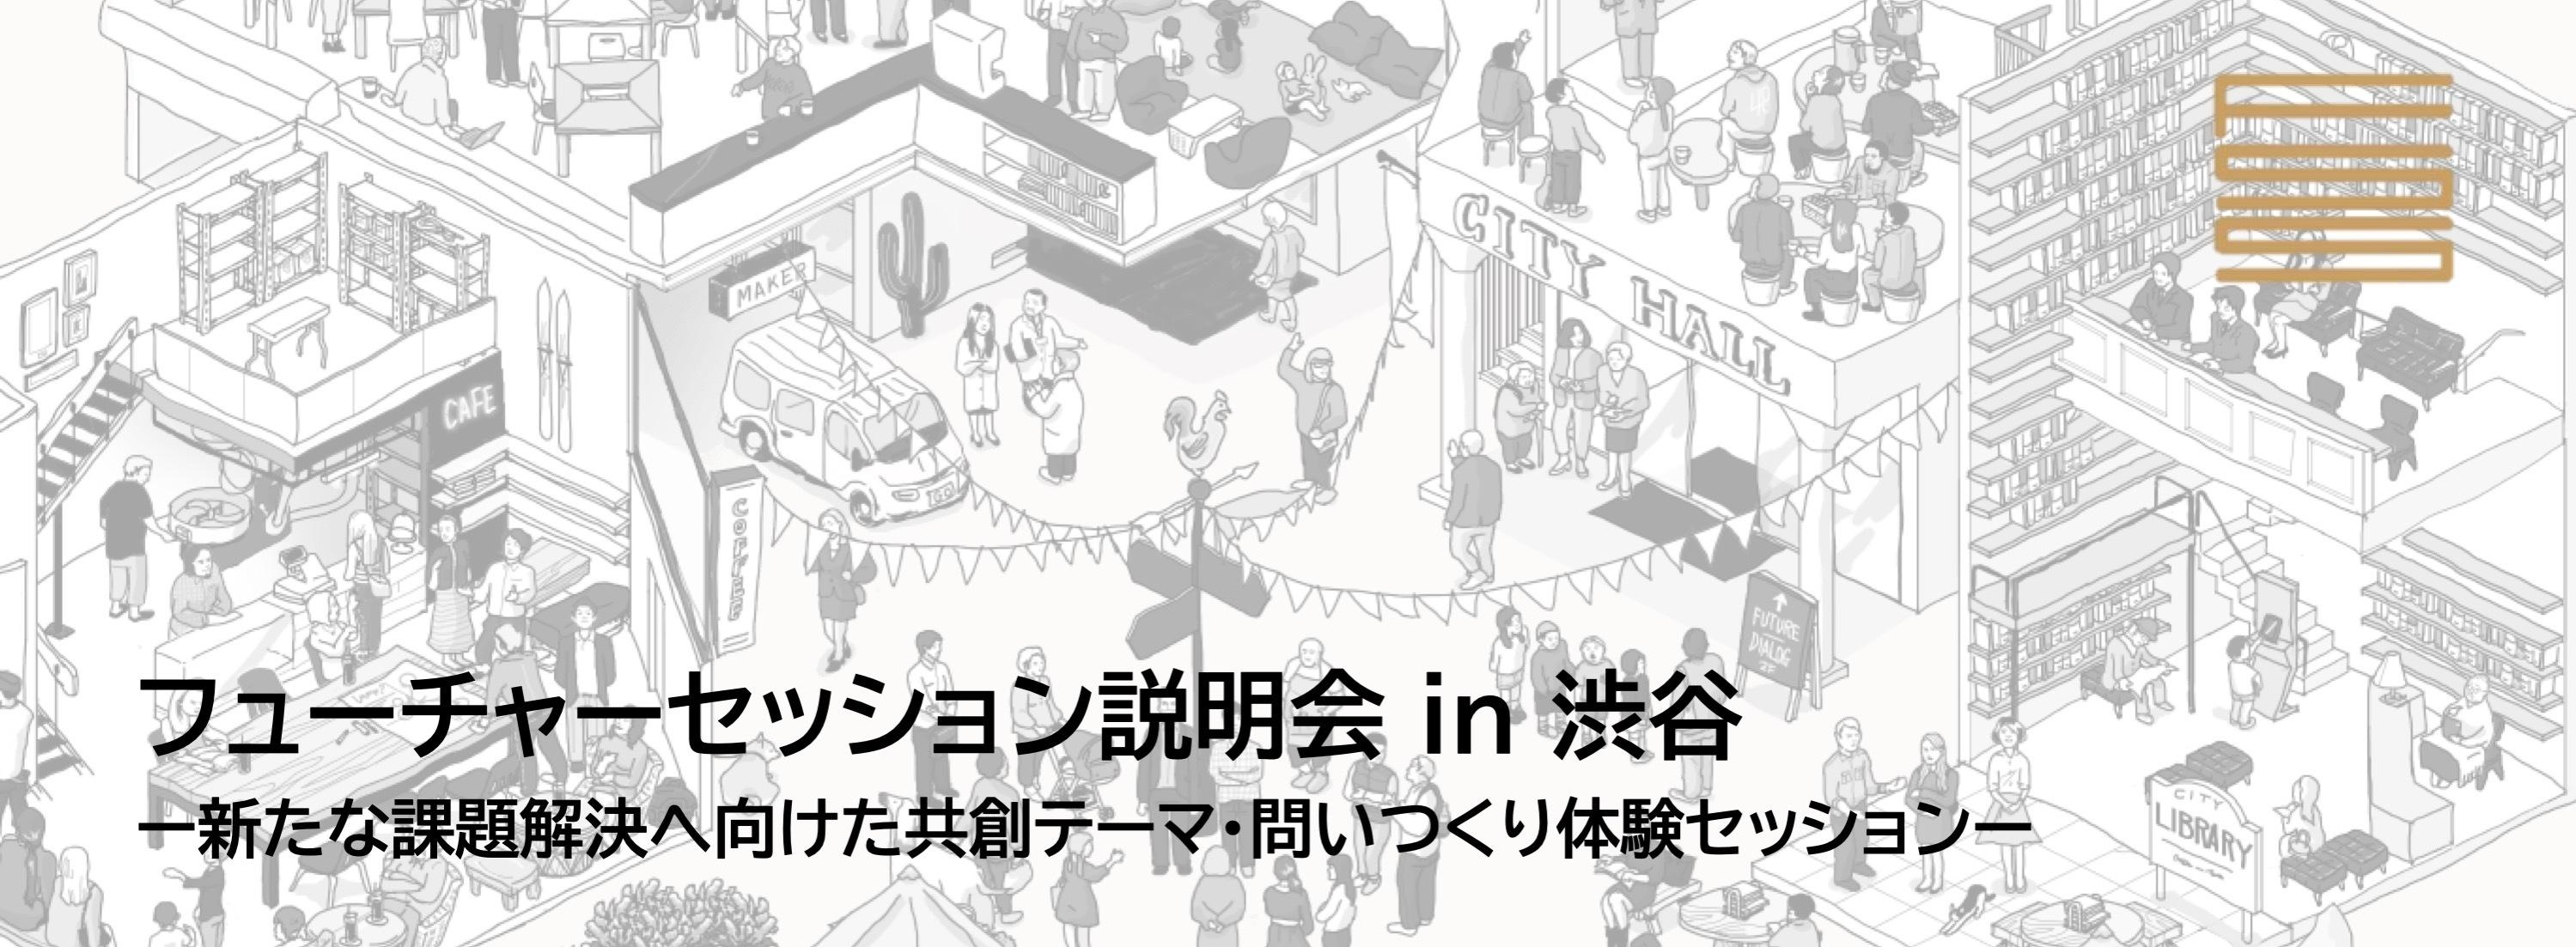 フューチャーセッション説明会 in 渋谷 5/17・5/24【夜】 ー新たな課題解決へ向けた共創テーマ・問いつくり体験セッションー